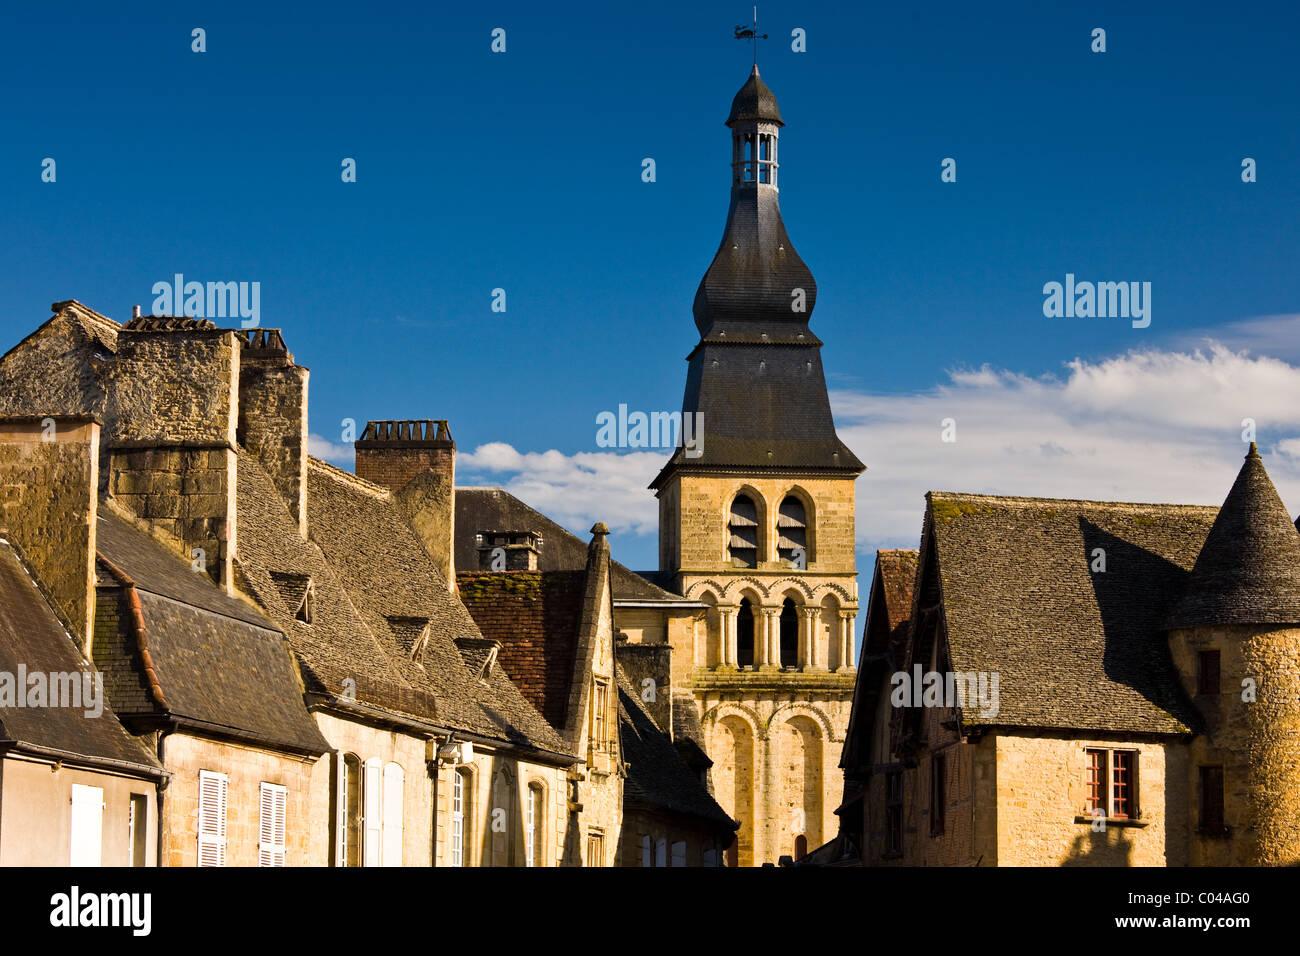 Dans l'architecture typiquement français pittoresque populaire destination touristique de Sarlat en Dordogne, Photo Stock